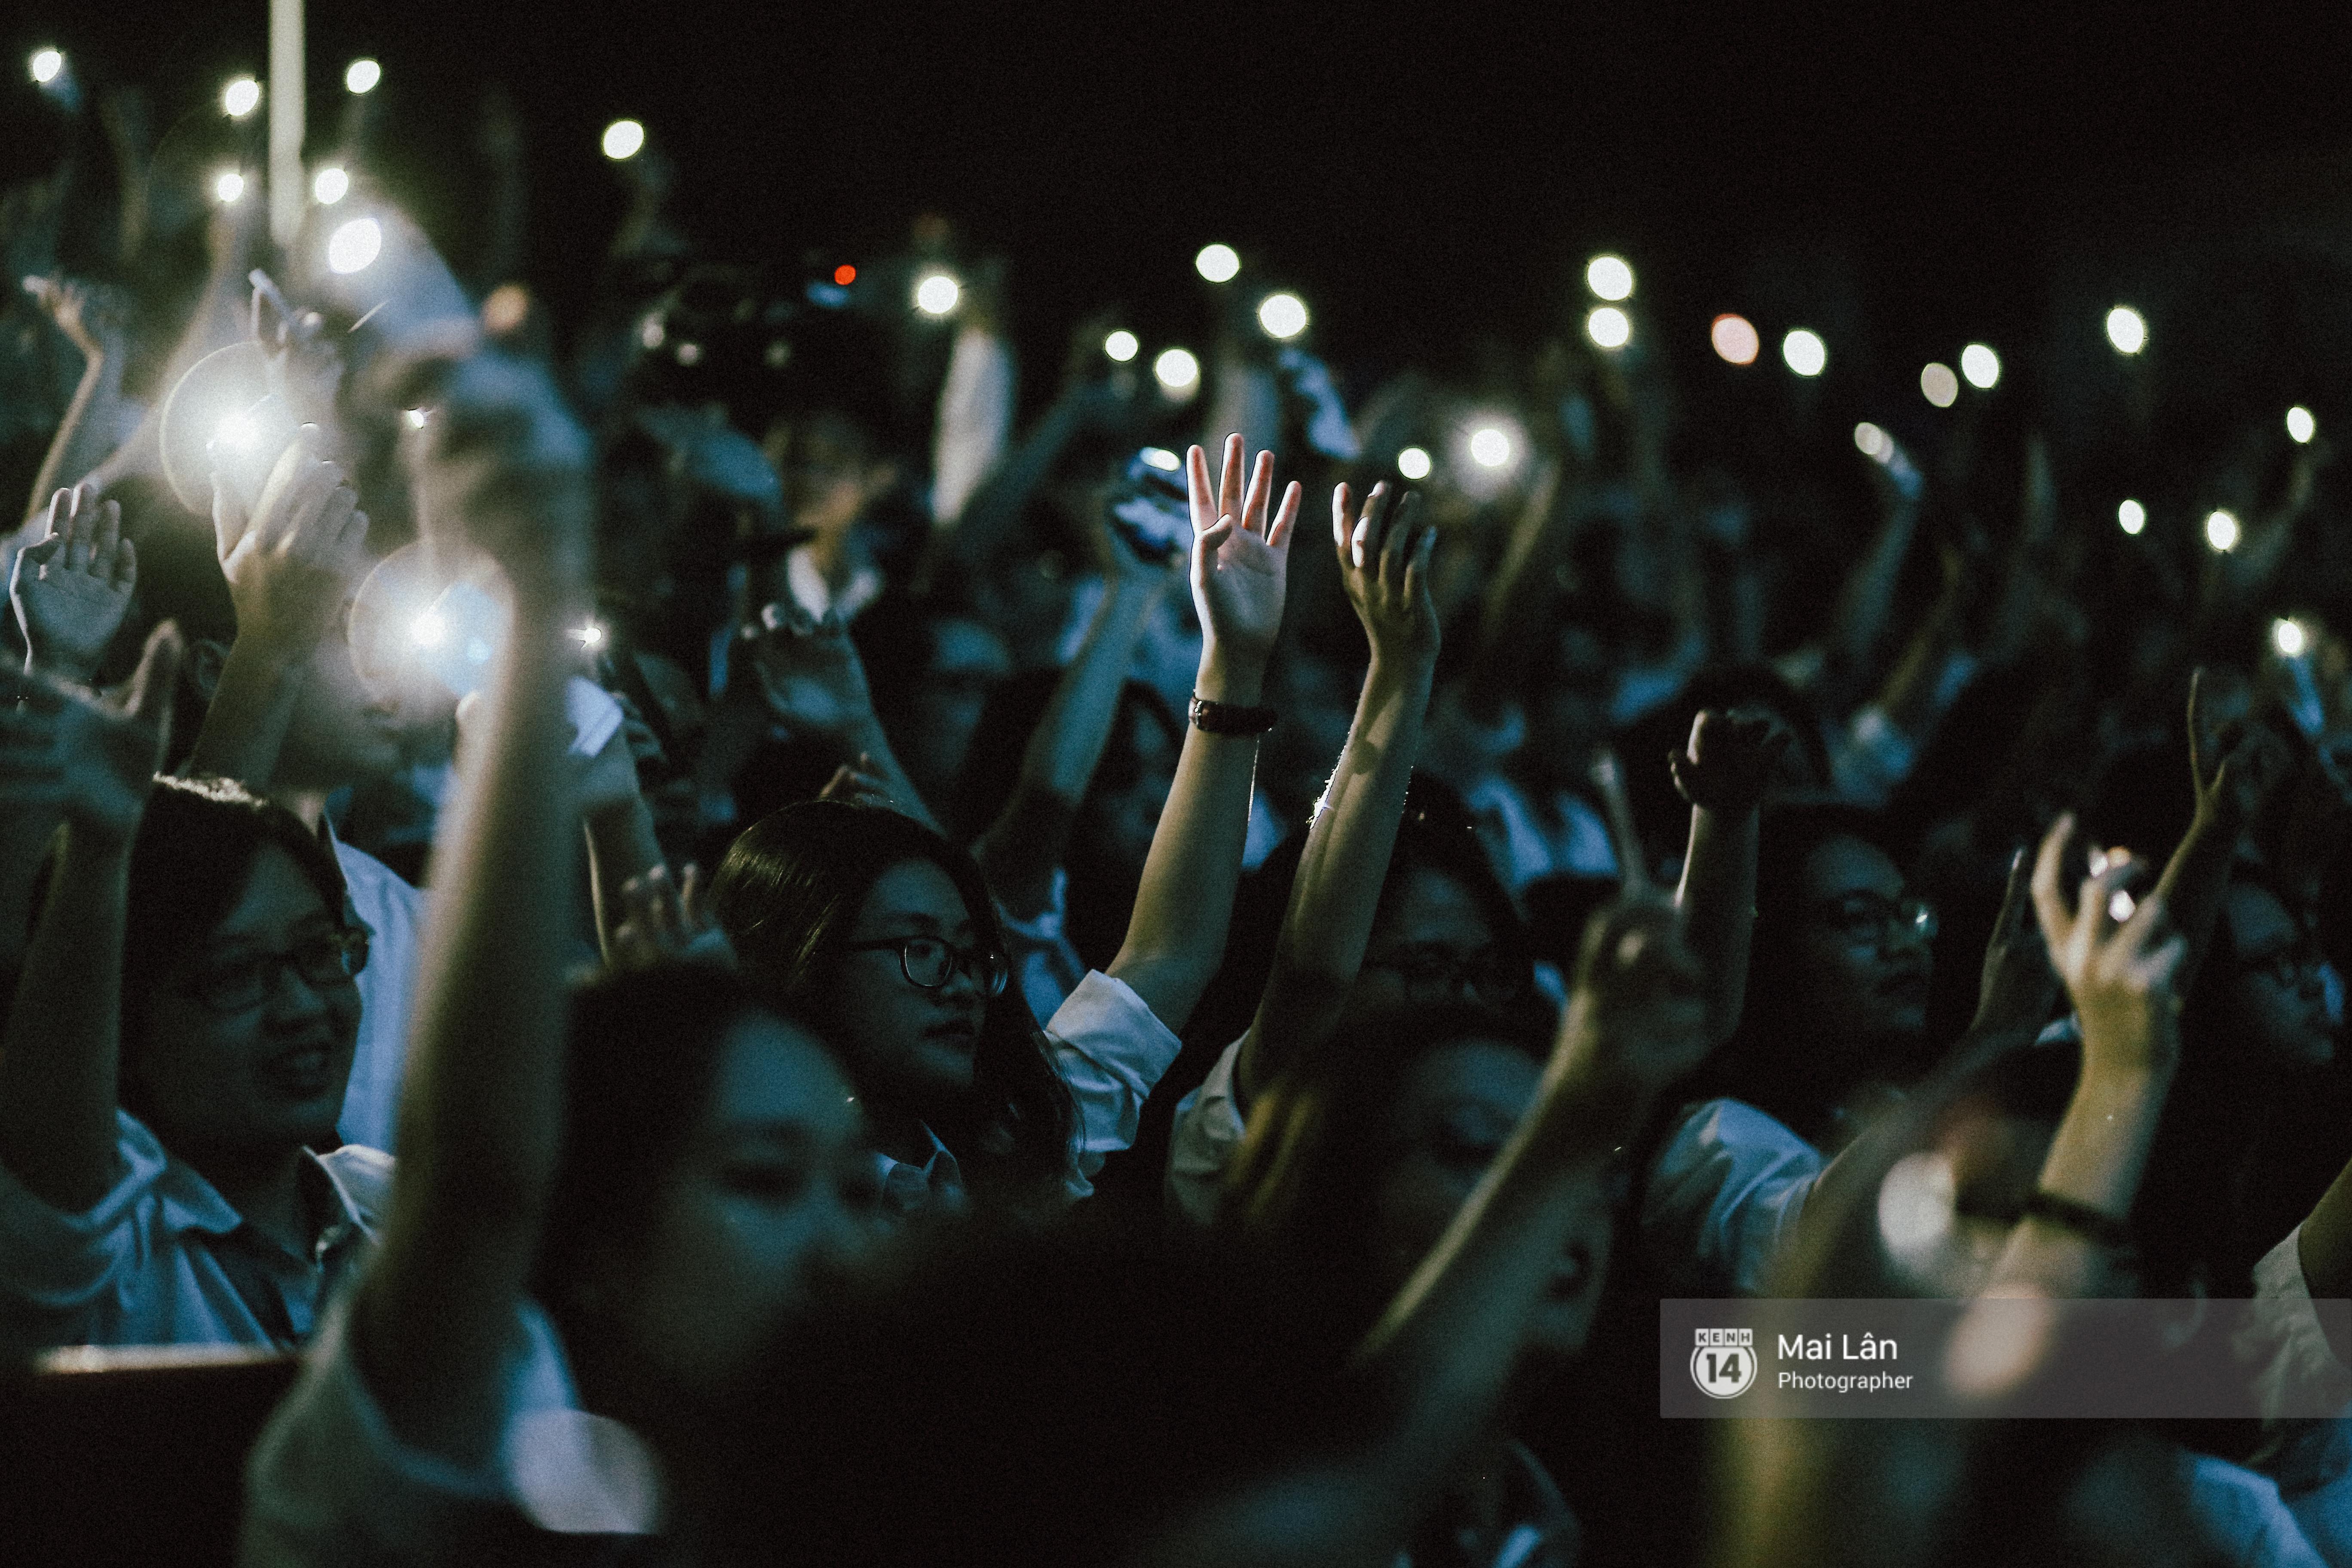 Những cái ôm trong mưa của teen Ams trong đêm hội chia tay đầy cảm xúc - Ảnh 1.